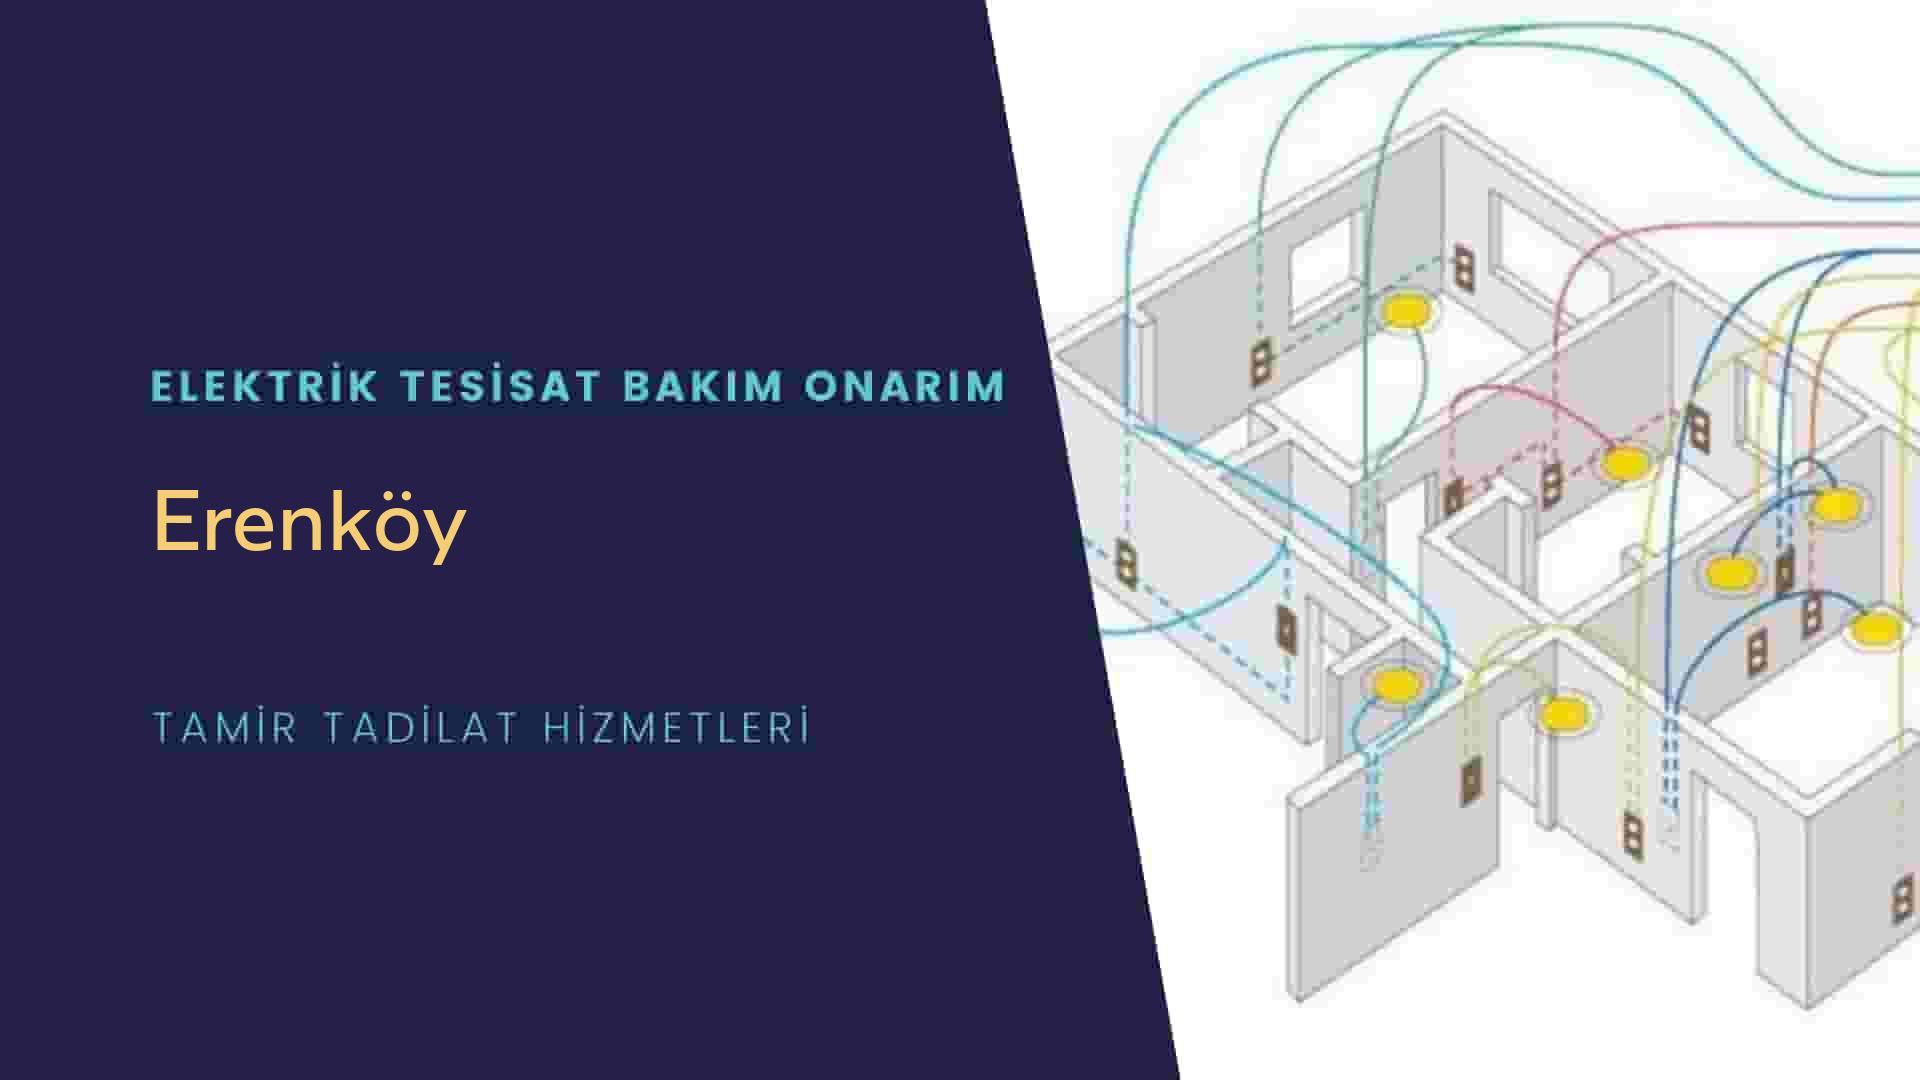 Erenköy'de elektrik tesisatıustalarımı arıyorsunuz doğru adrestenizi Erenköy elektrik tesisatı ustalarımız 7/24 sizlere hizmet vermekten mutluluk duyar.